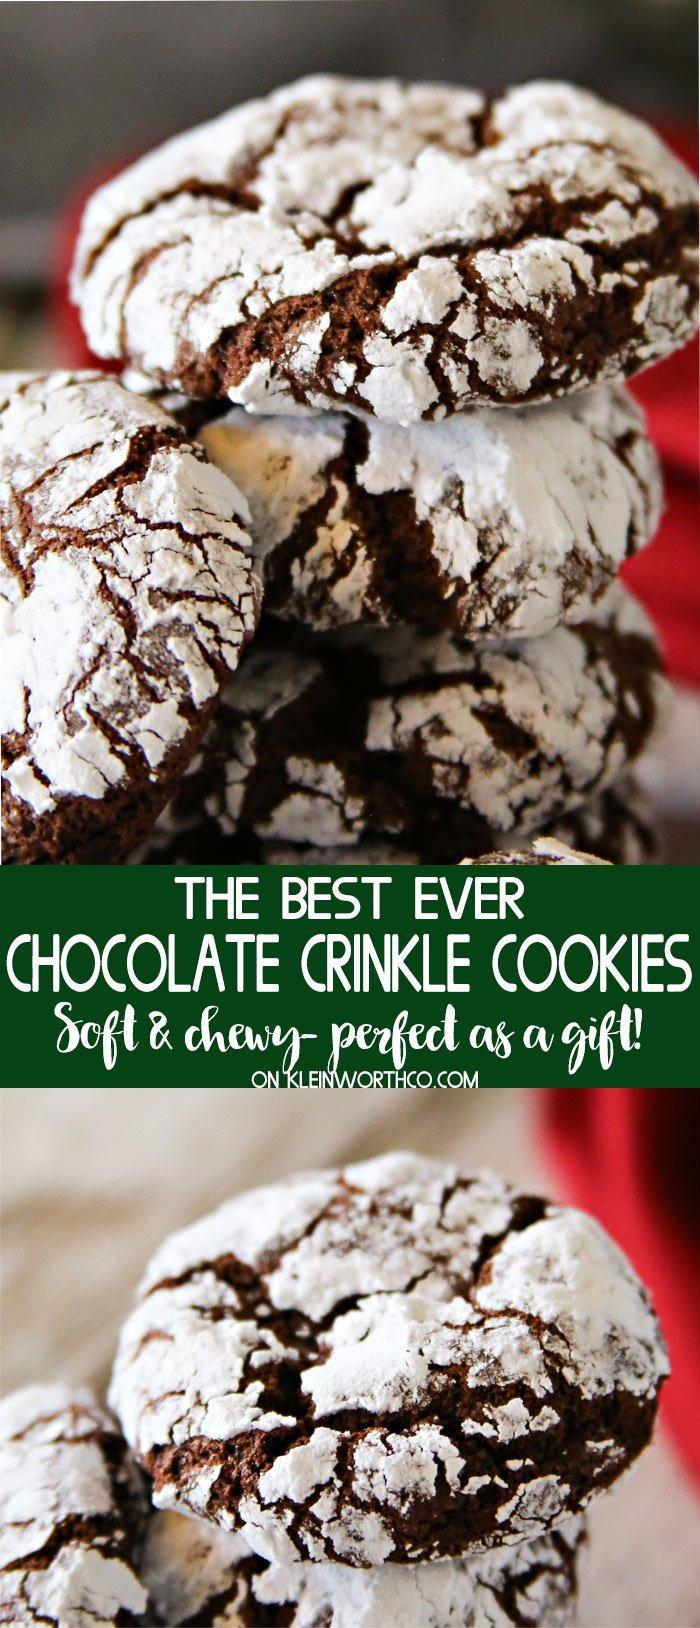 2 Chocolate Crinkle Cookies